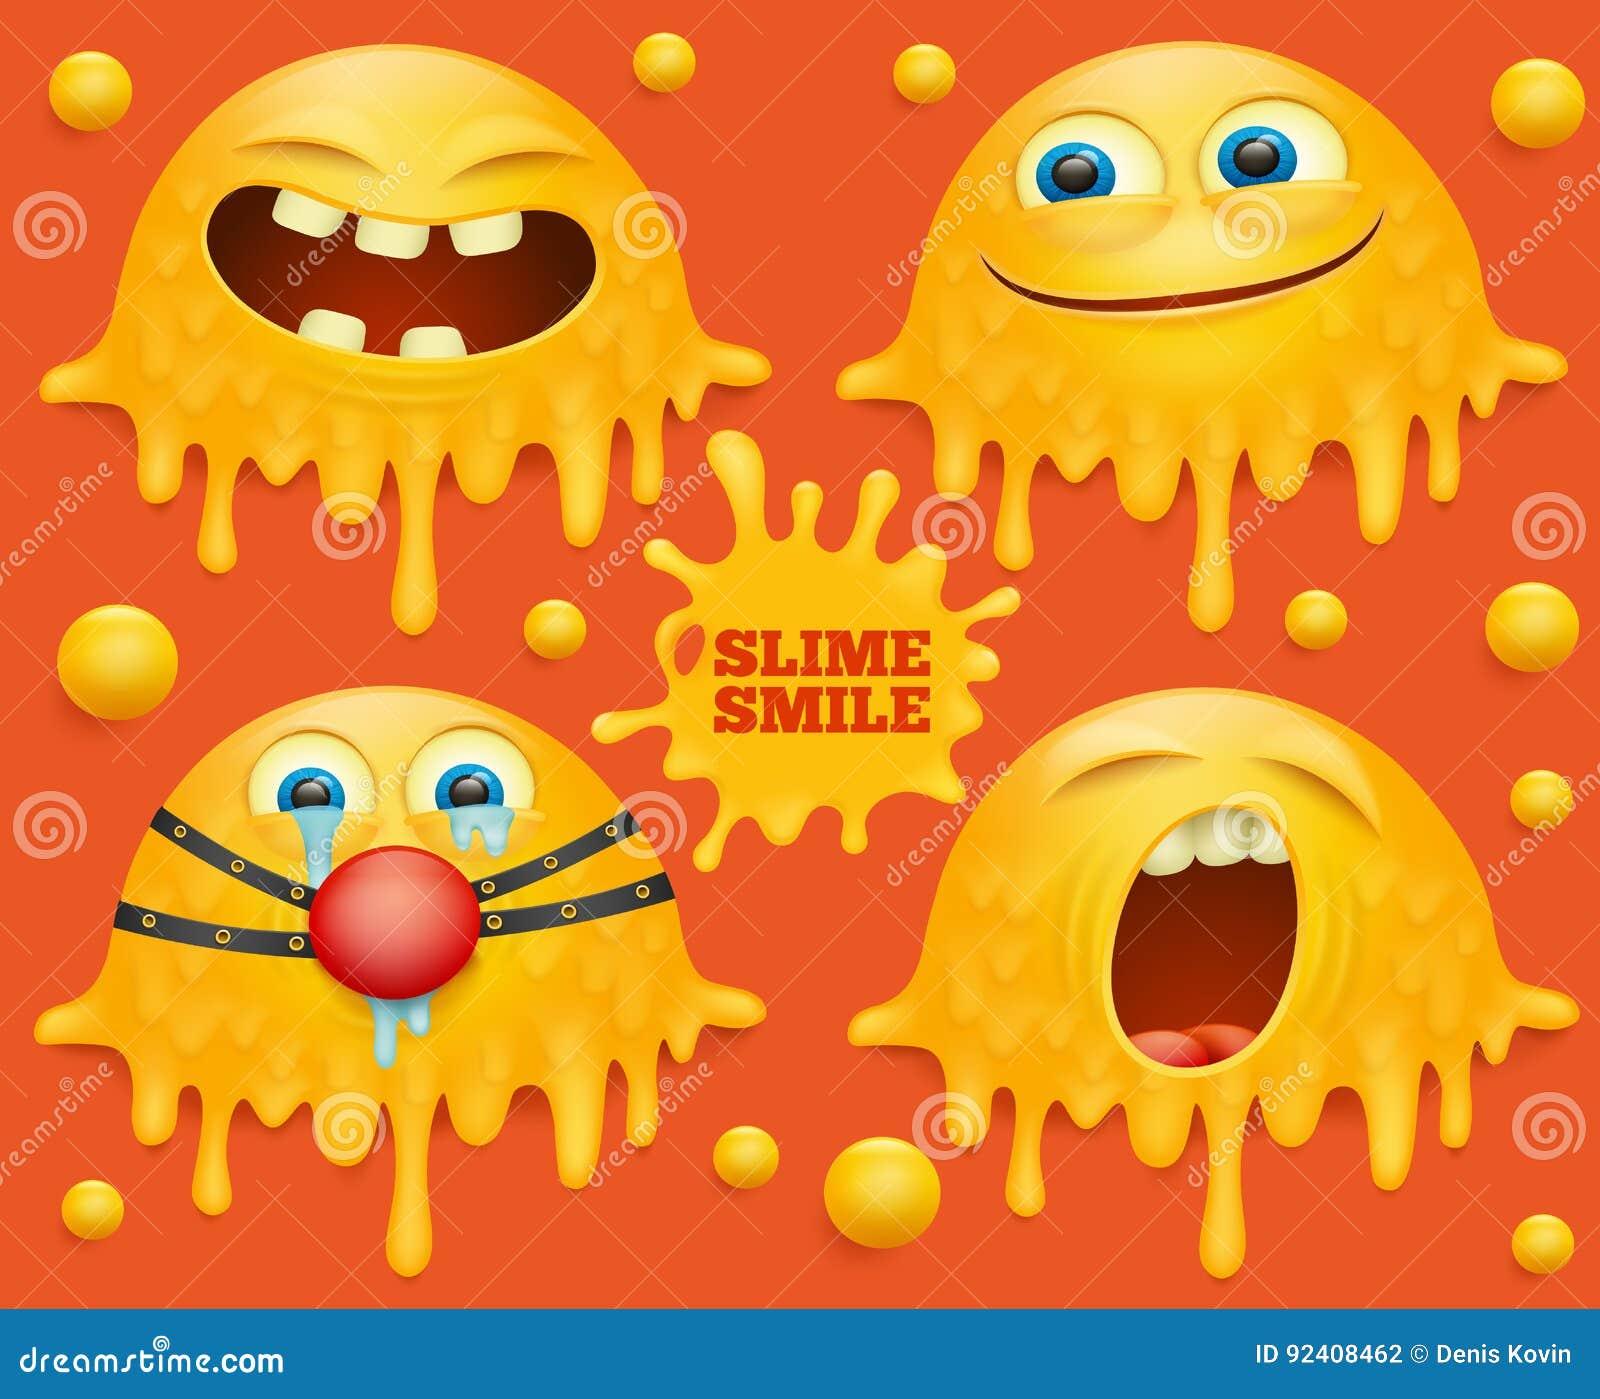 Personajes de dibujos animados sonrientes amarillos de la cara del limo